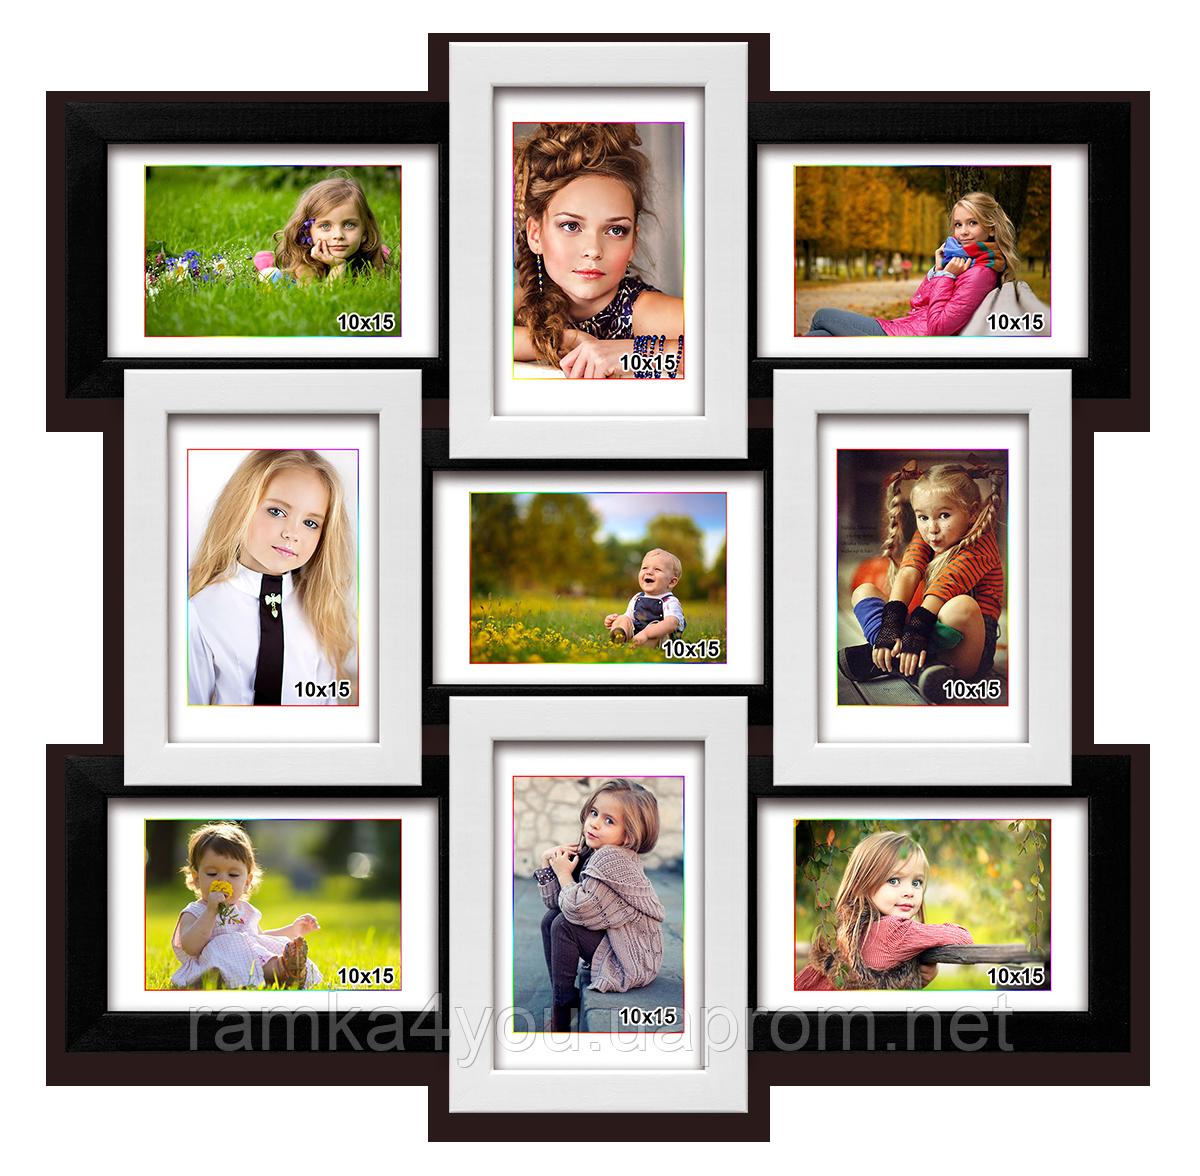 Деревянная мультирамка-коллаж Классическая на 9 фотографий черно-белая